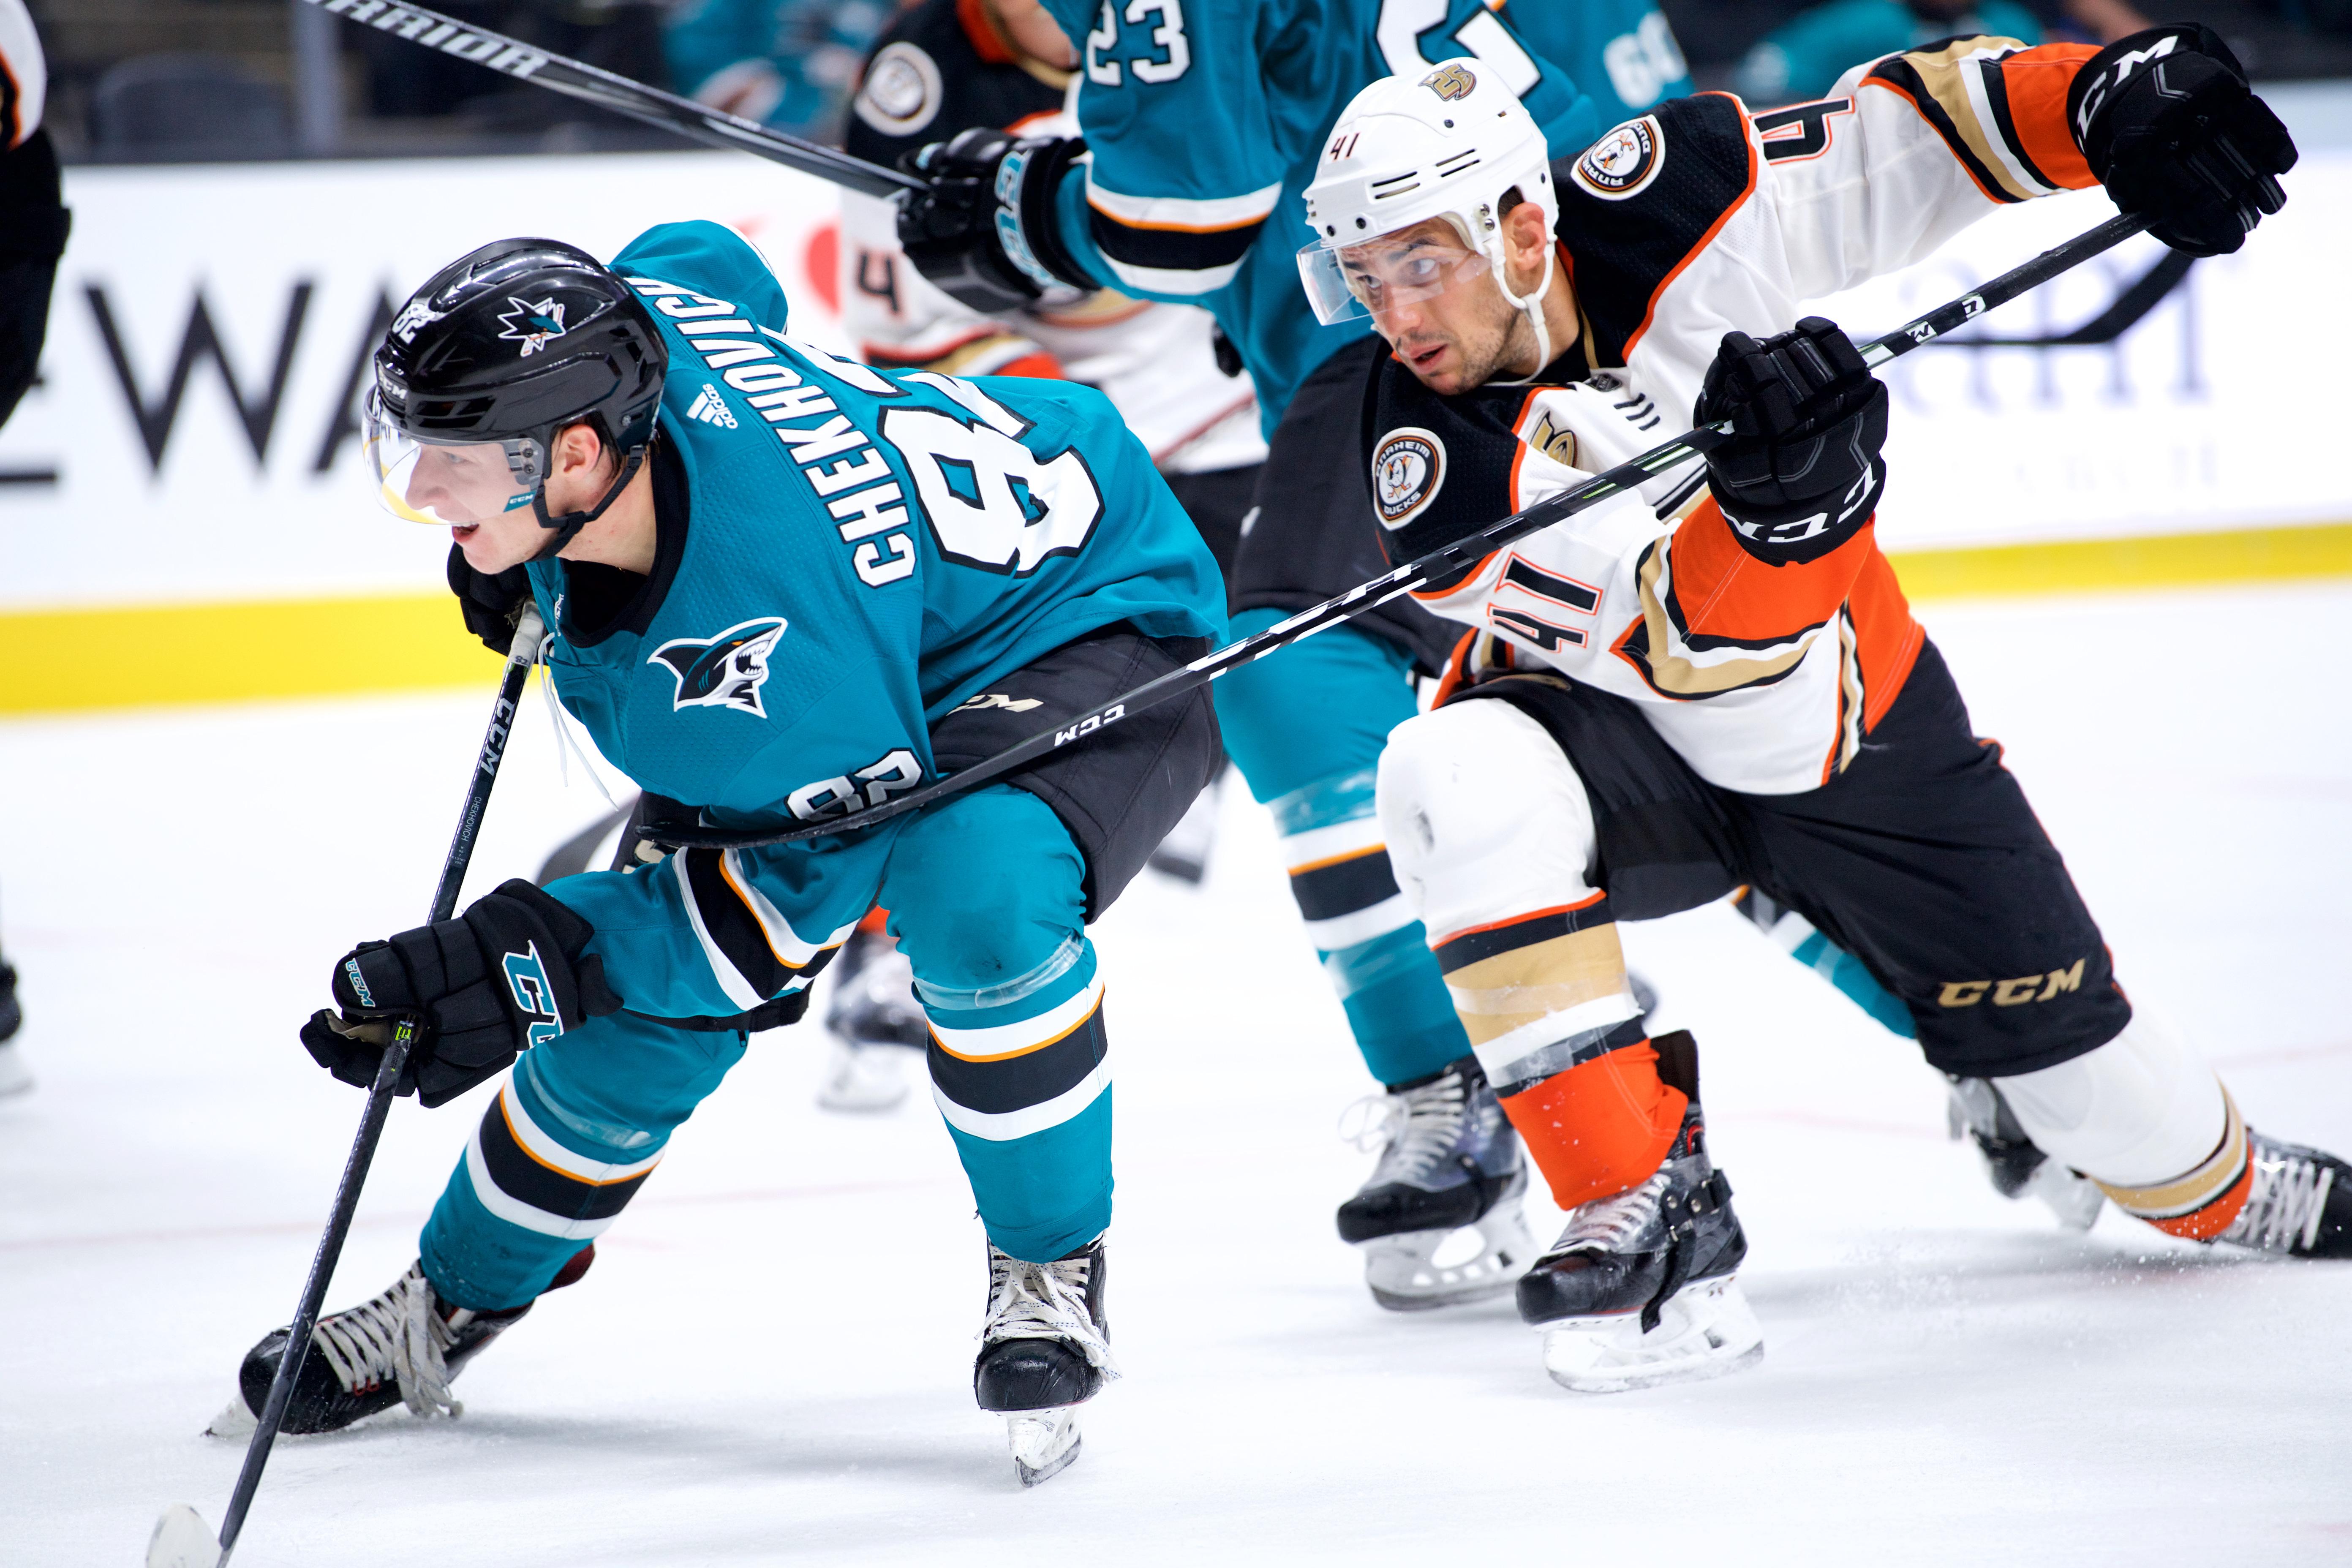 NHL: SEP 18 Preseason - Ducks at Sharks